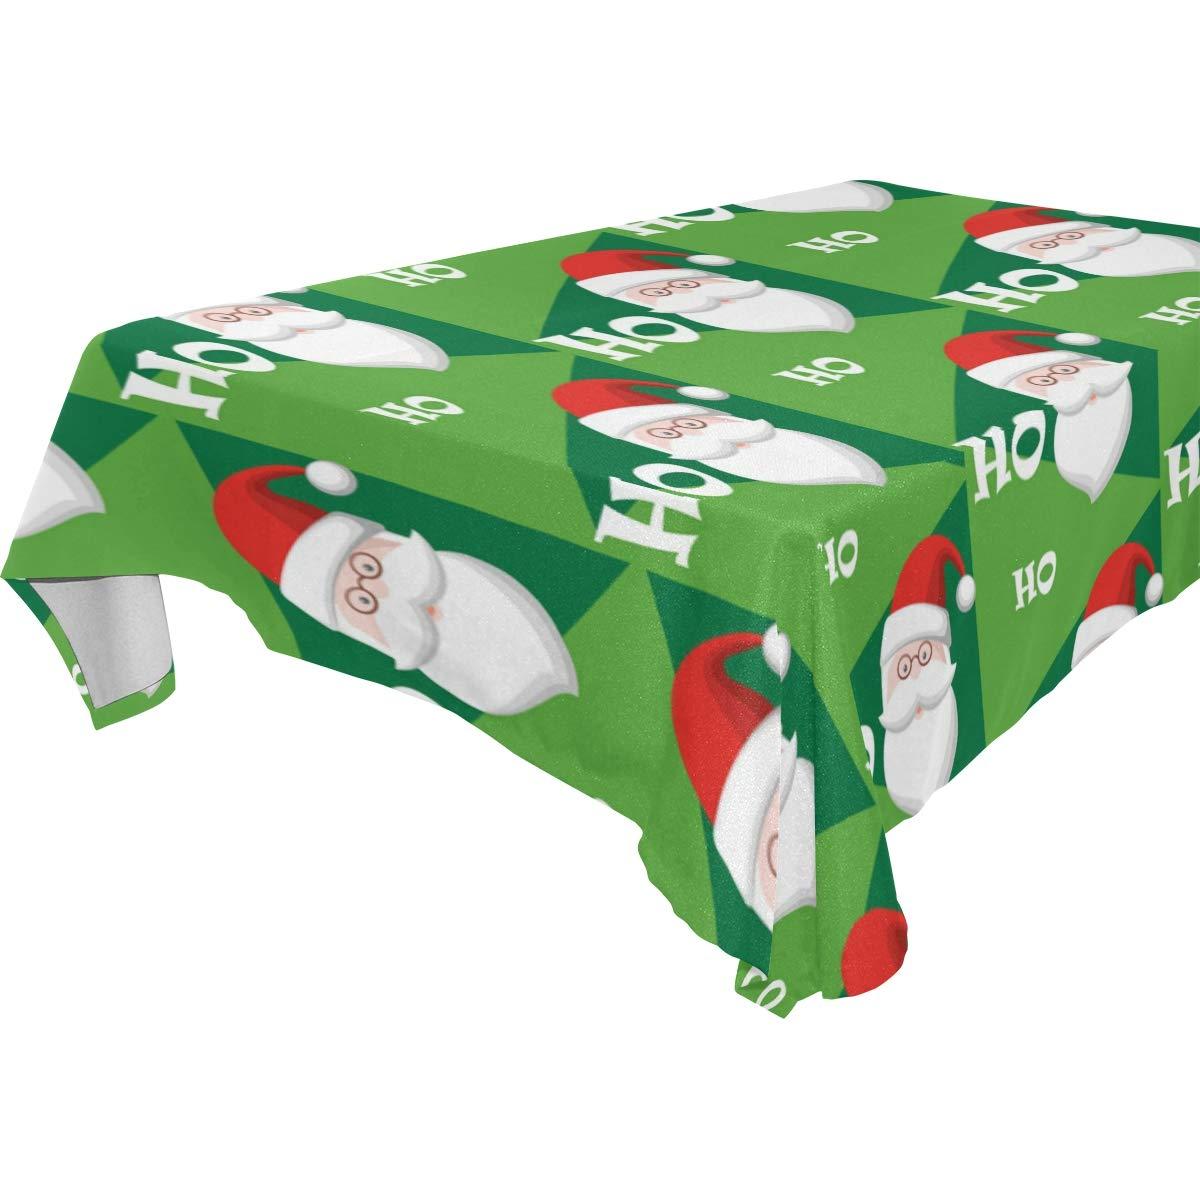 Happy Xmas クリスマス ポリエステルテーブルクロス ディナーパーティー ピクニック キッチン ホームデコレーション マルチ 54x72(in) ホワイト g11994822p120c134s186 54x72(in)  B07KF8Q2VF